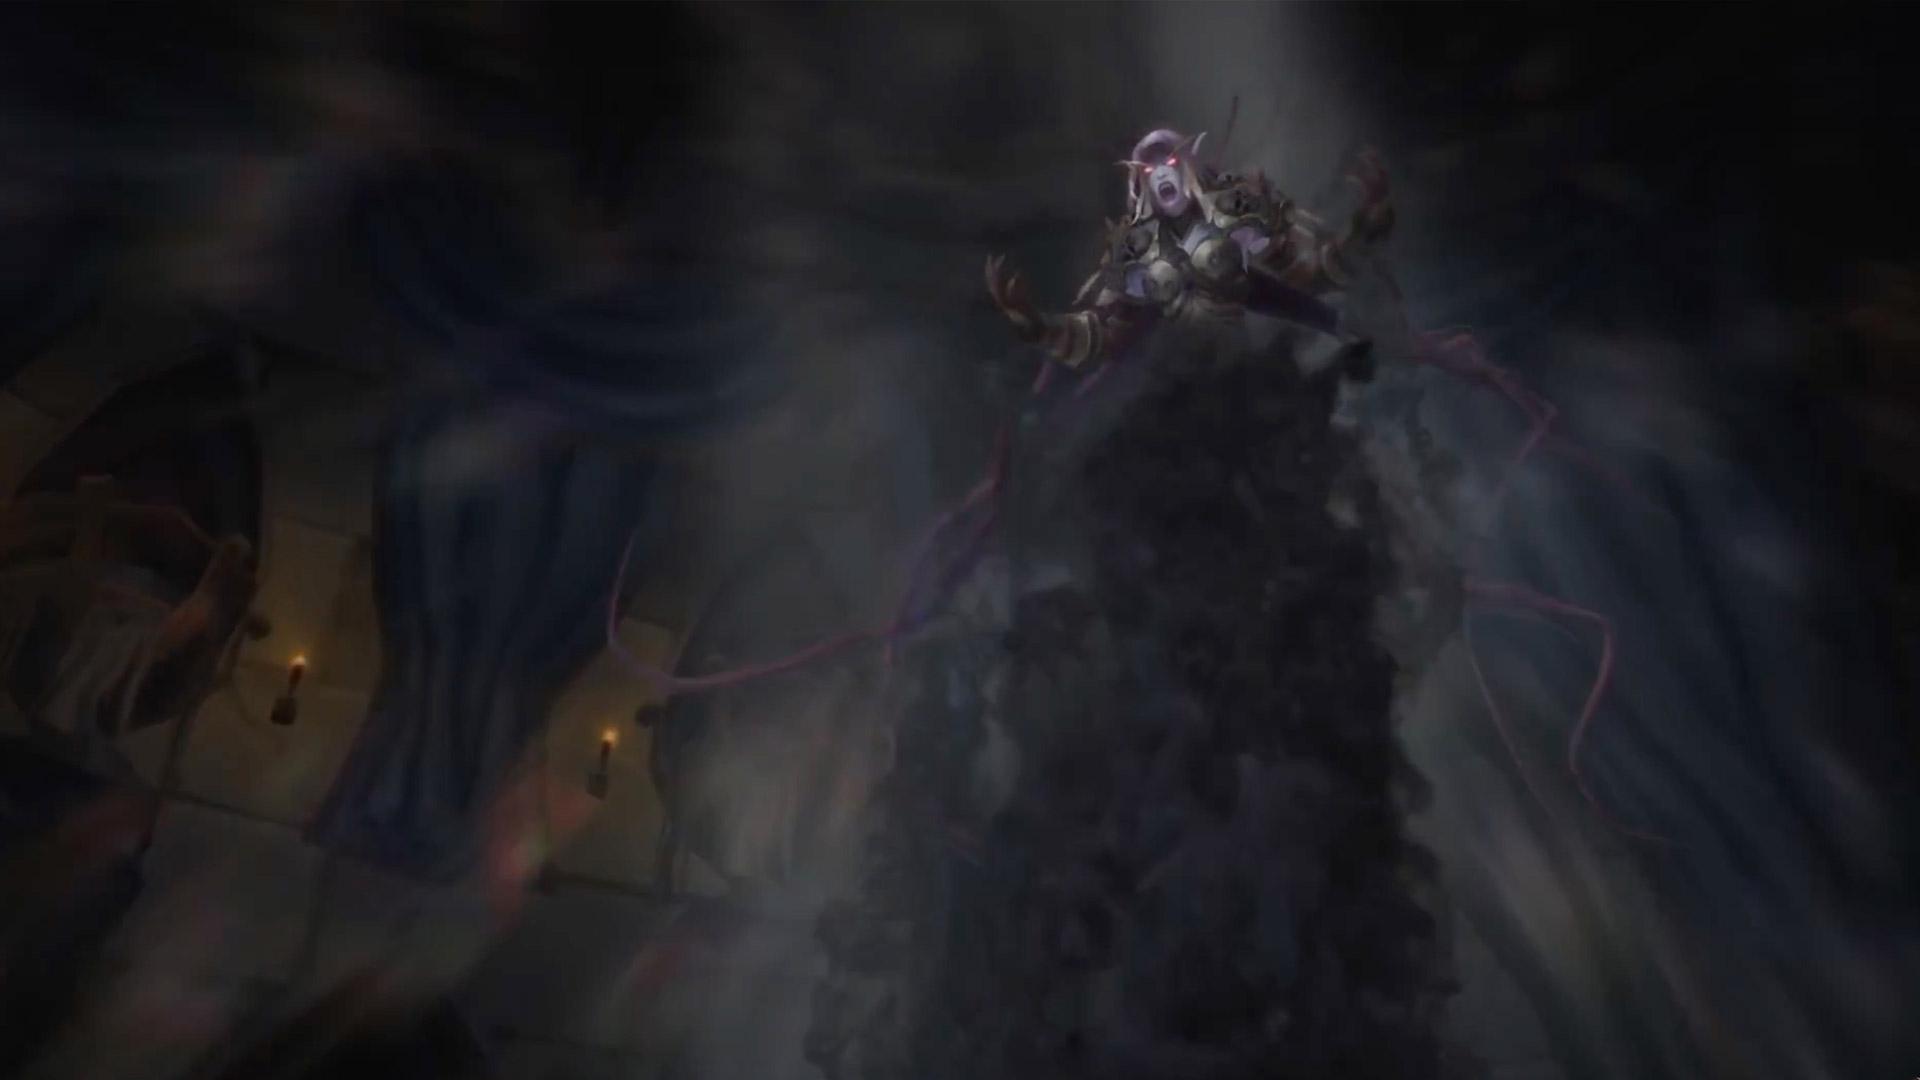 La reine banshee se transforme et tout commence à s'effondrer